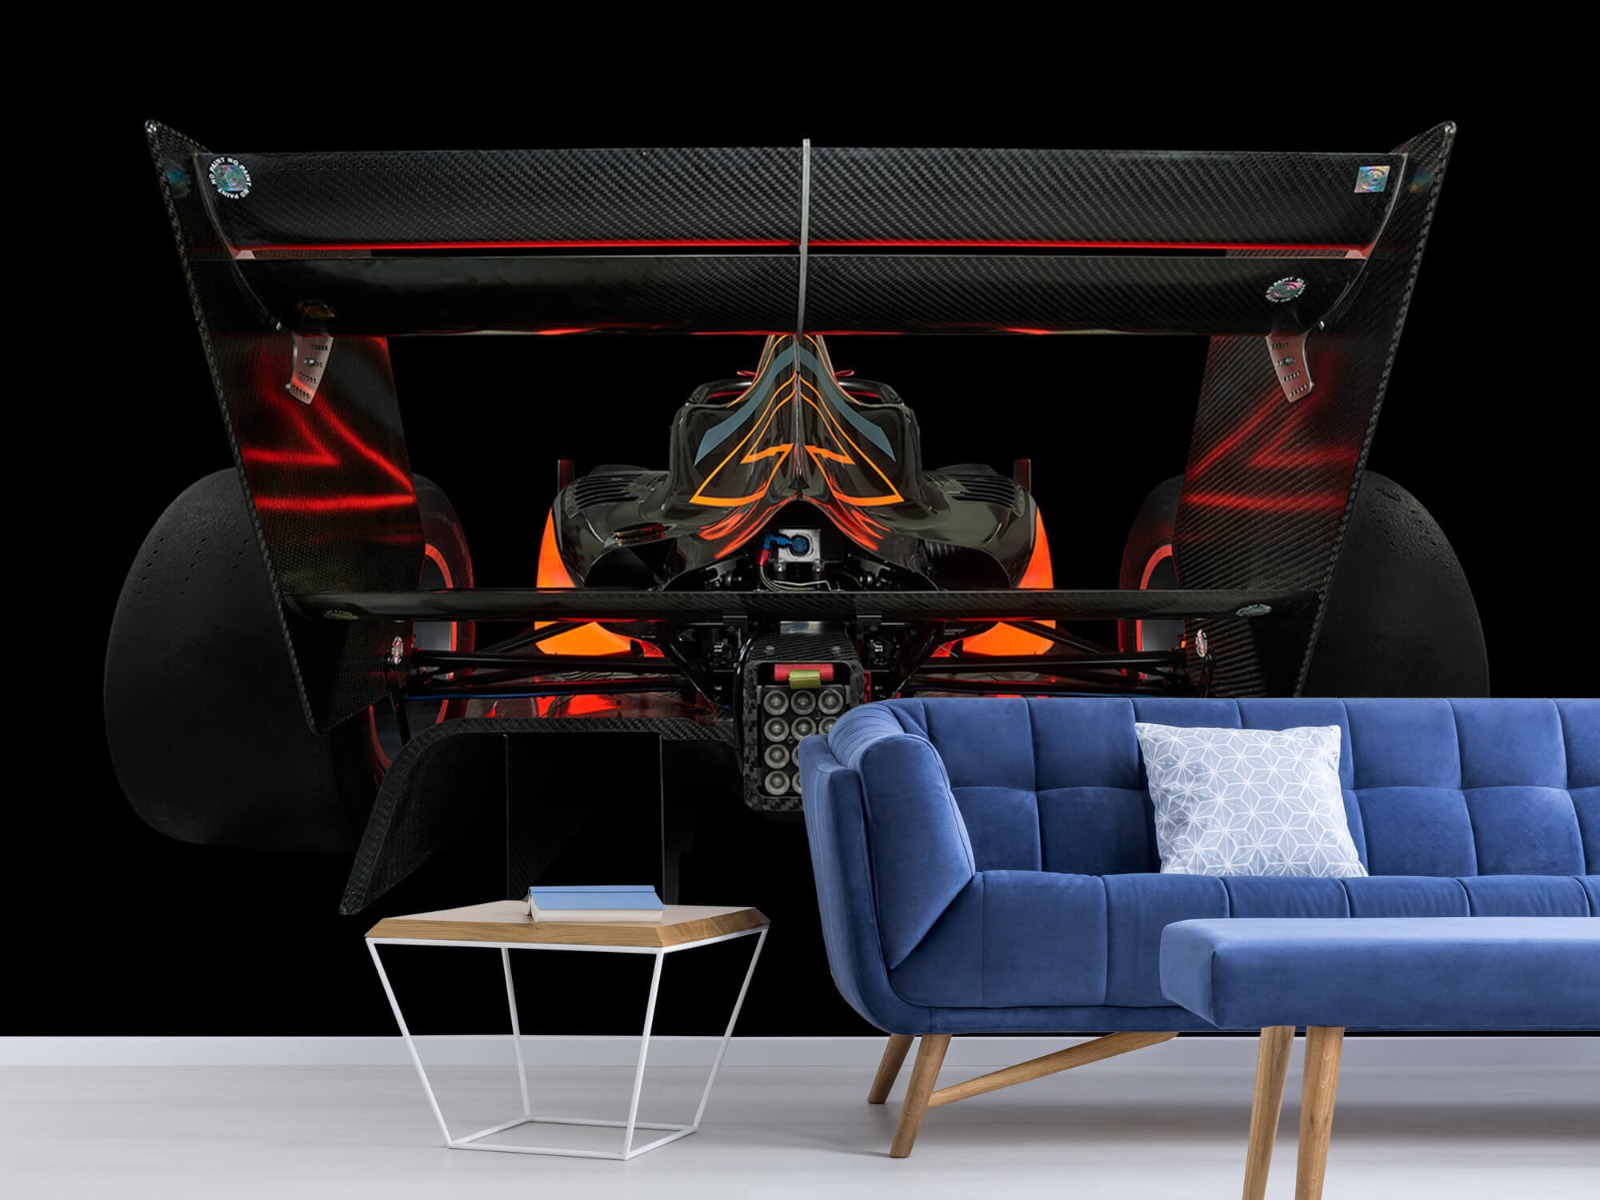 Sportauto's - Formule 3 - Lower rear view - dark - Garage 5